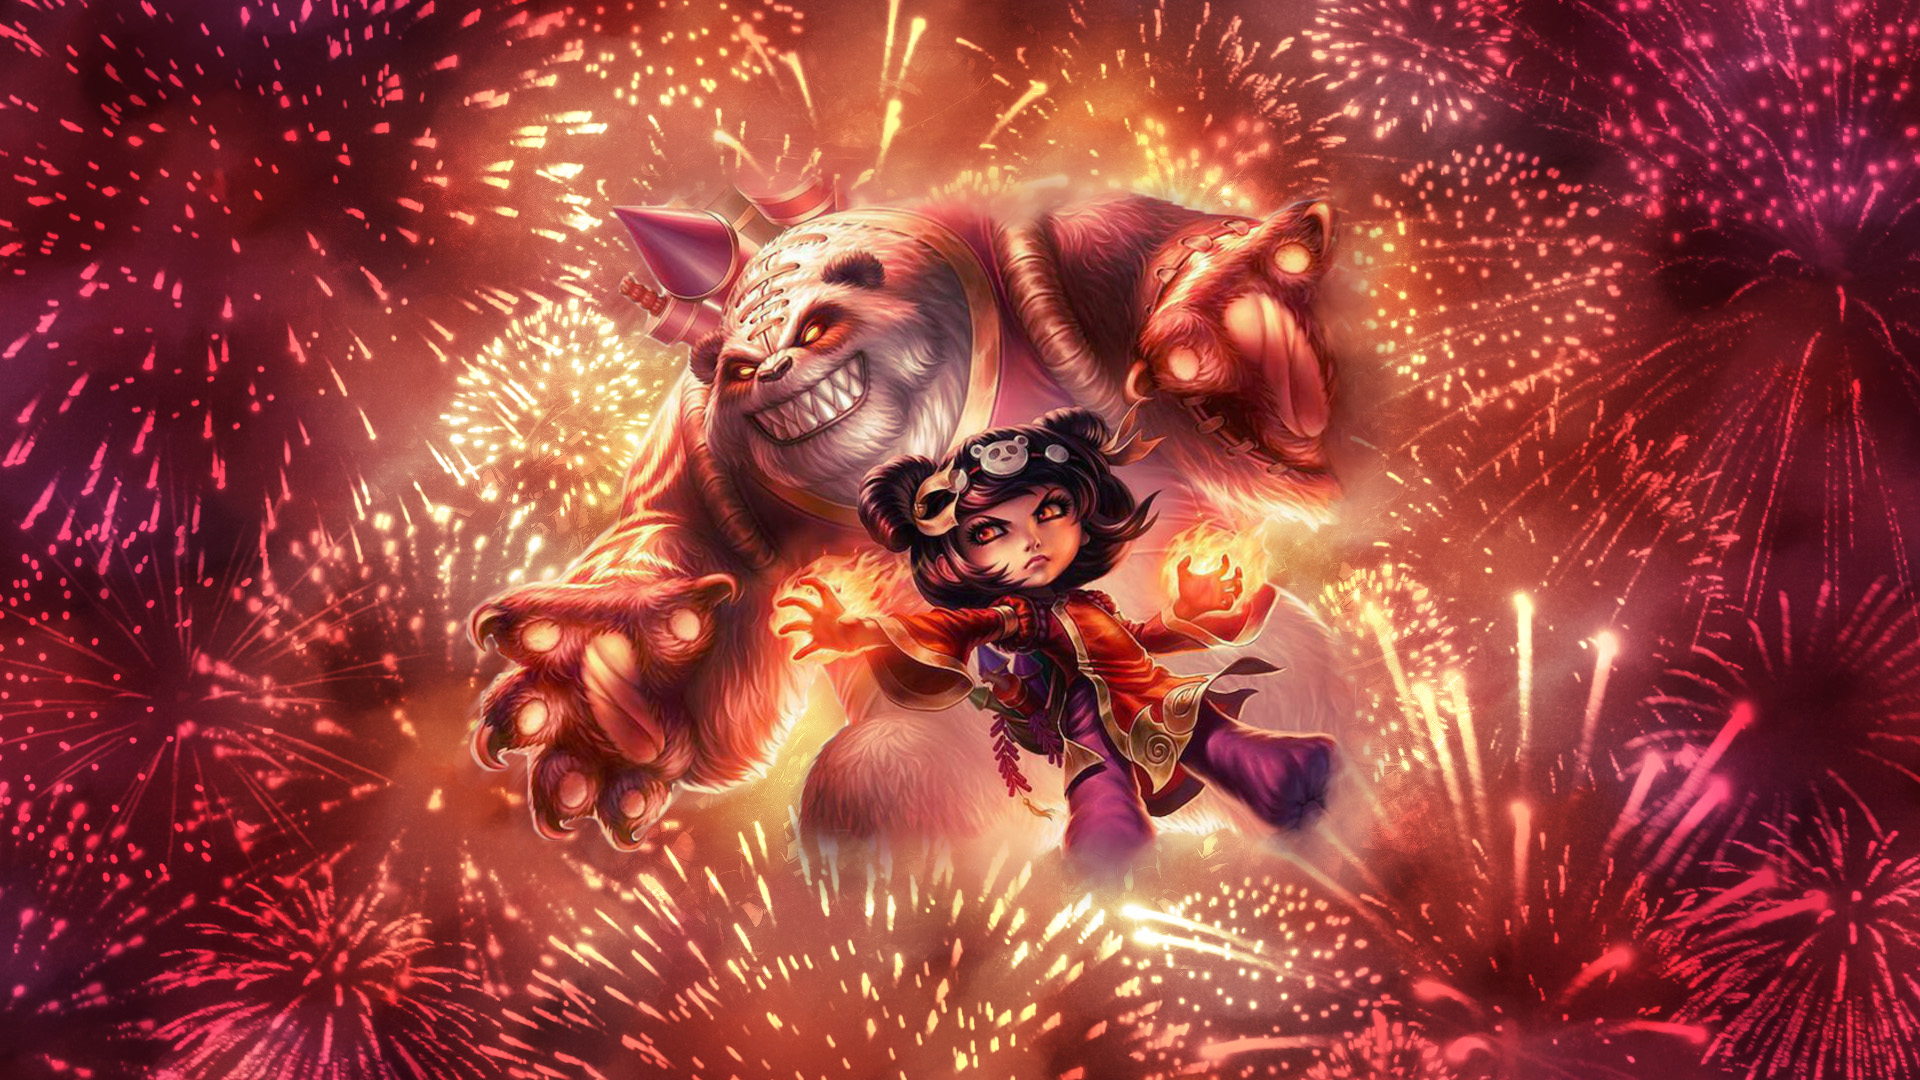 Gangplank Wallpaper Hd Panda Annie Fan Art League Of Legends Wallpapers